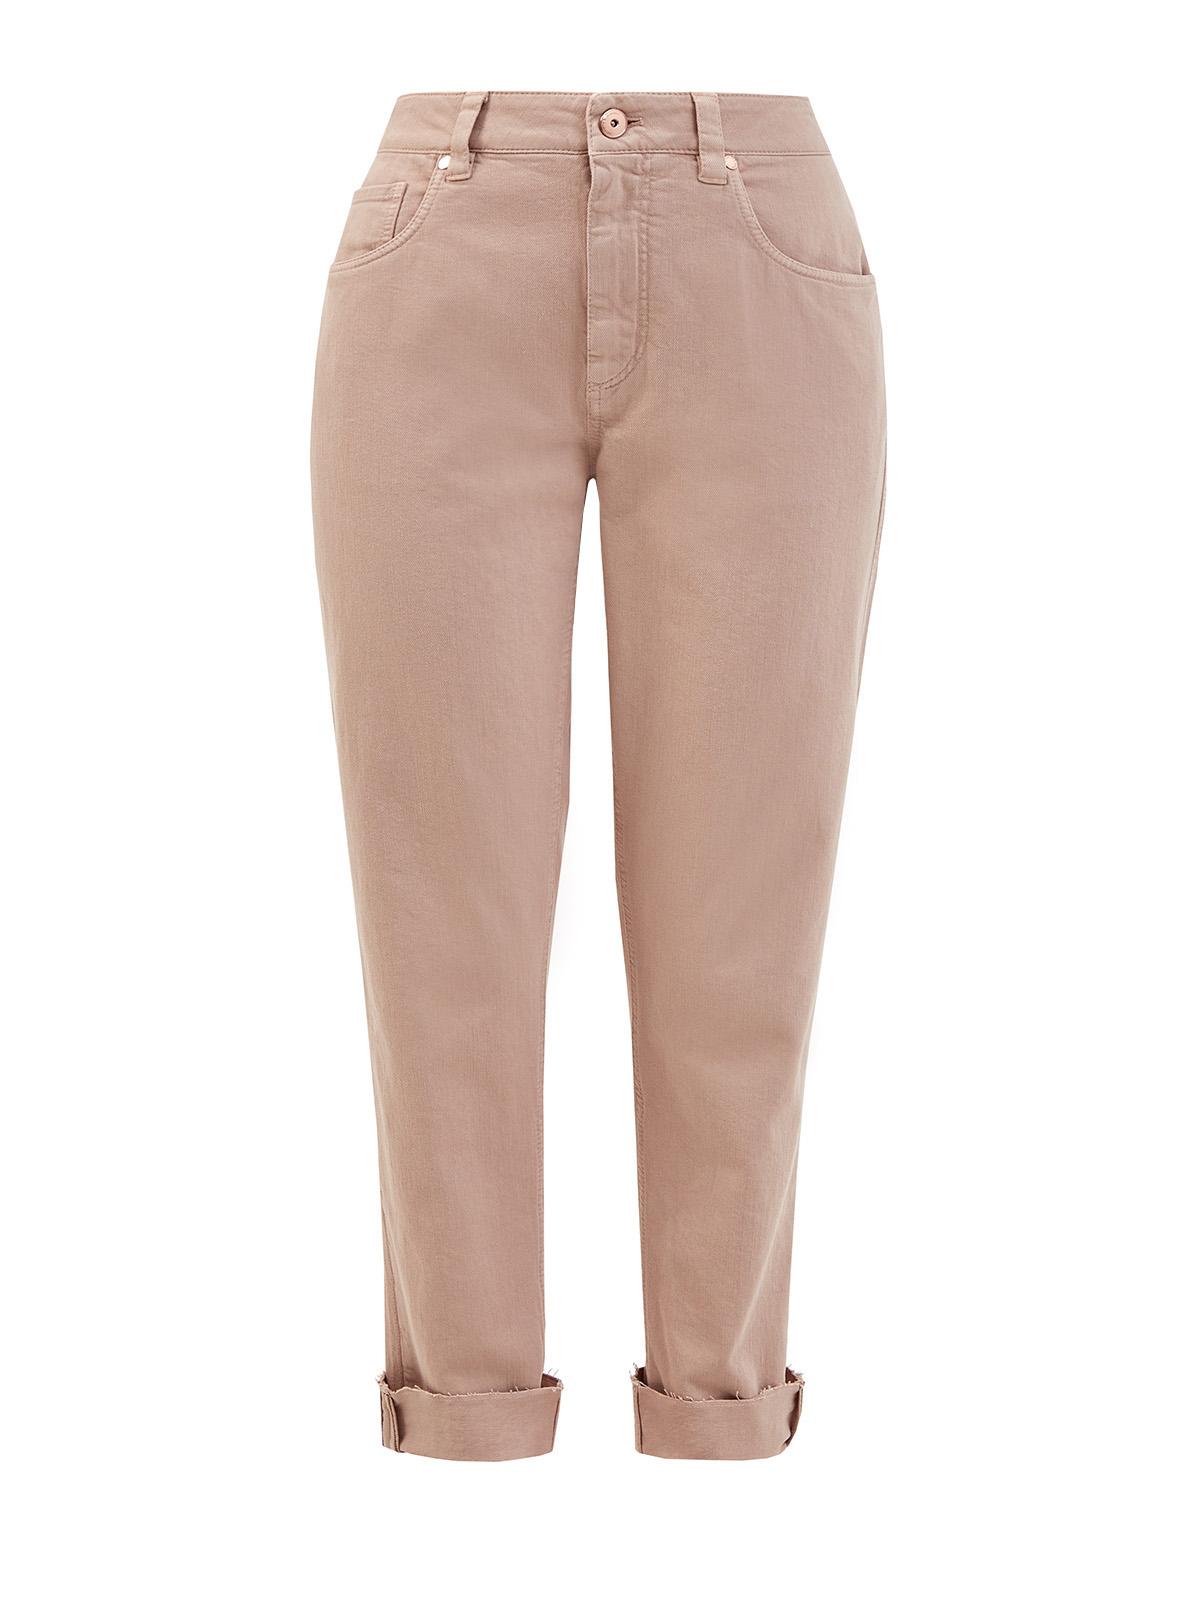 Высокие джинсы из окрашенного вручную денима